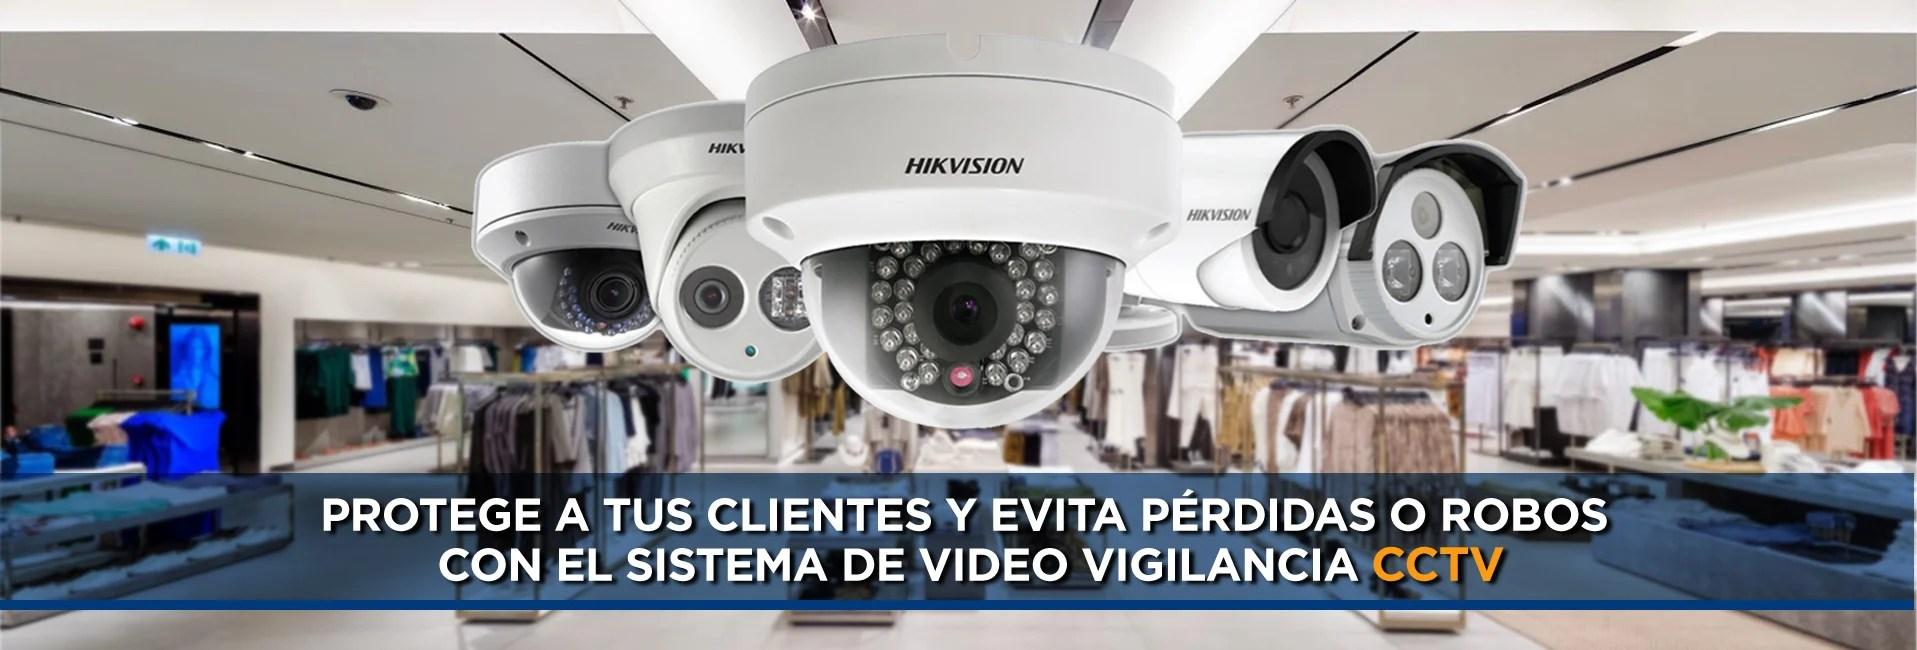 servicios seguridad